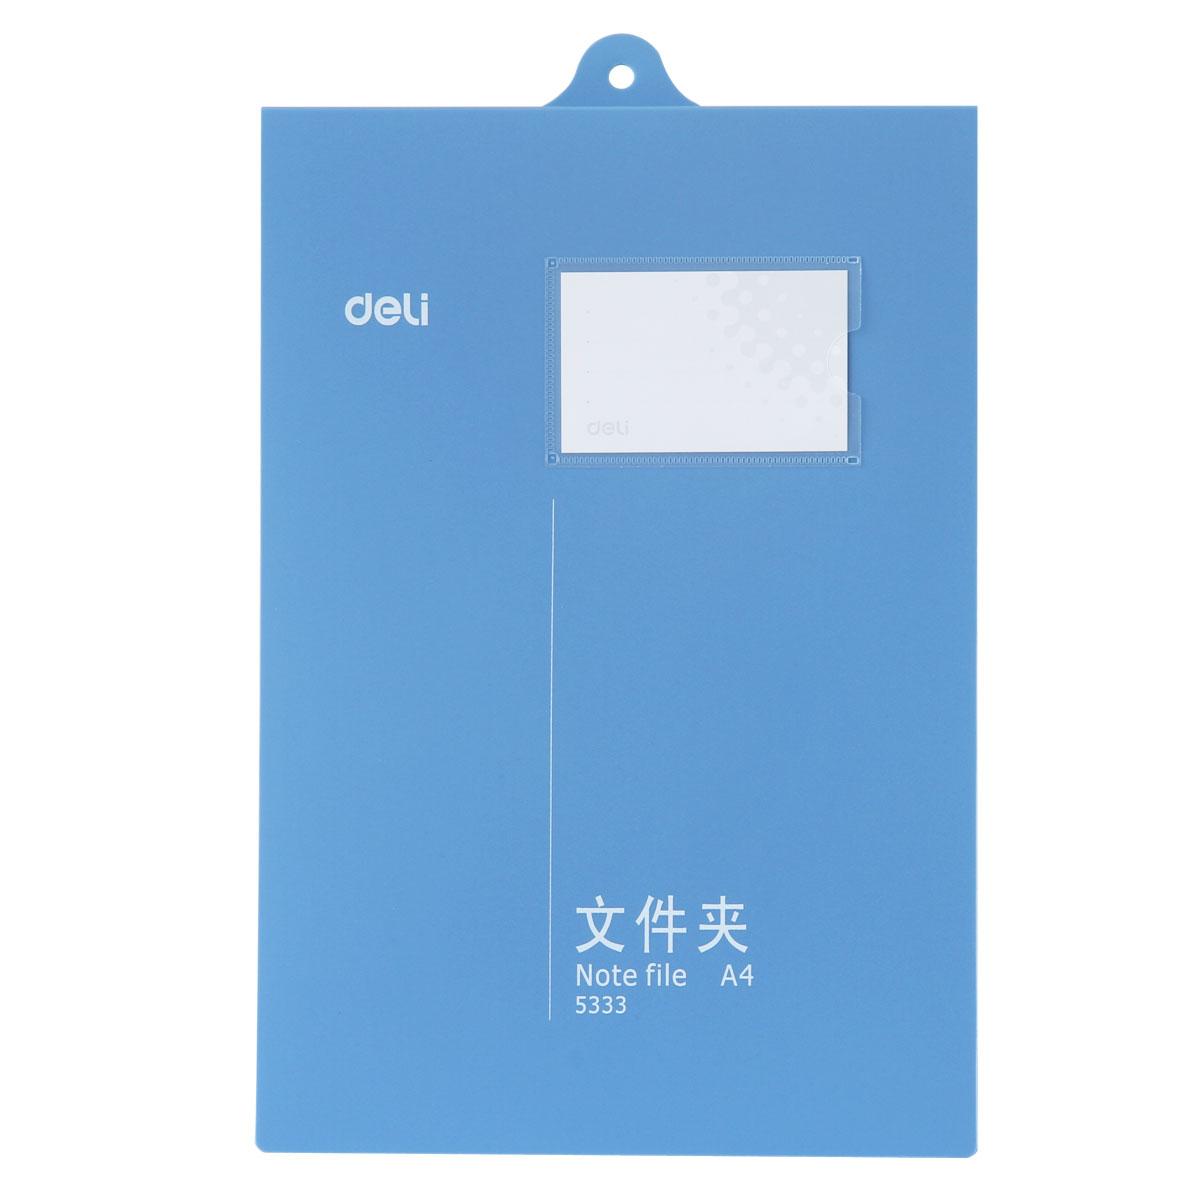 得力 5333 文件夹挂夹 (单位:只) 蓝色